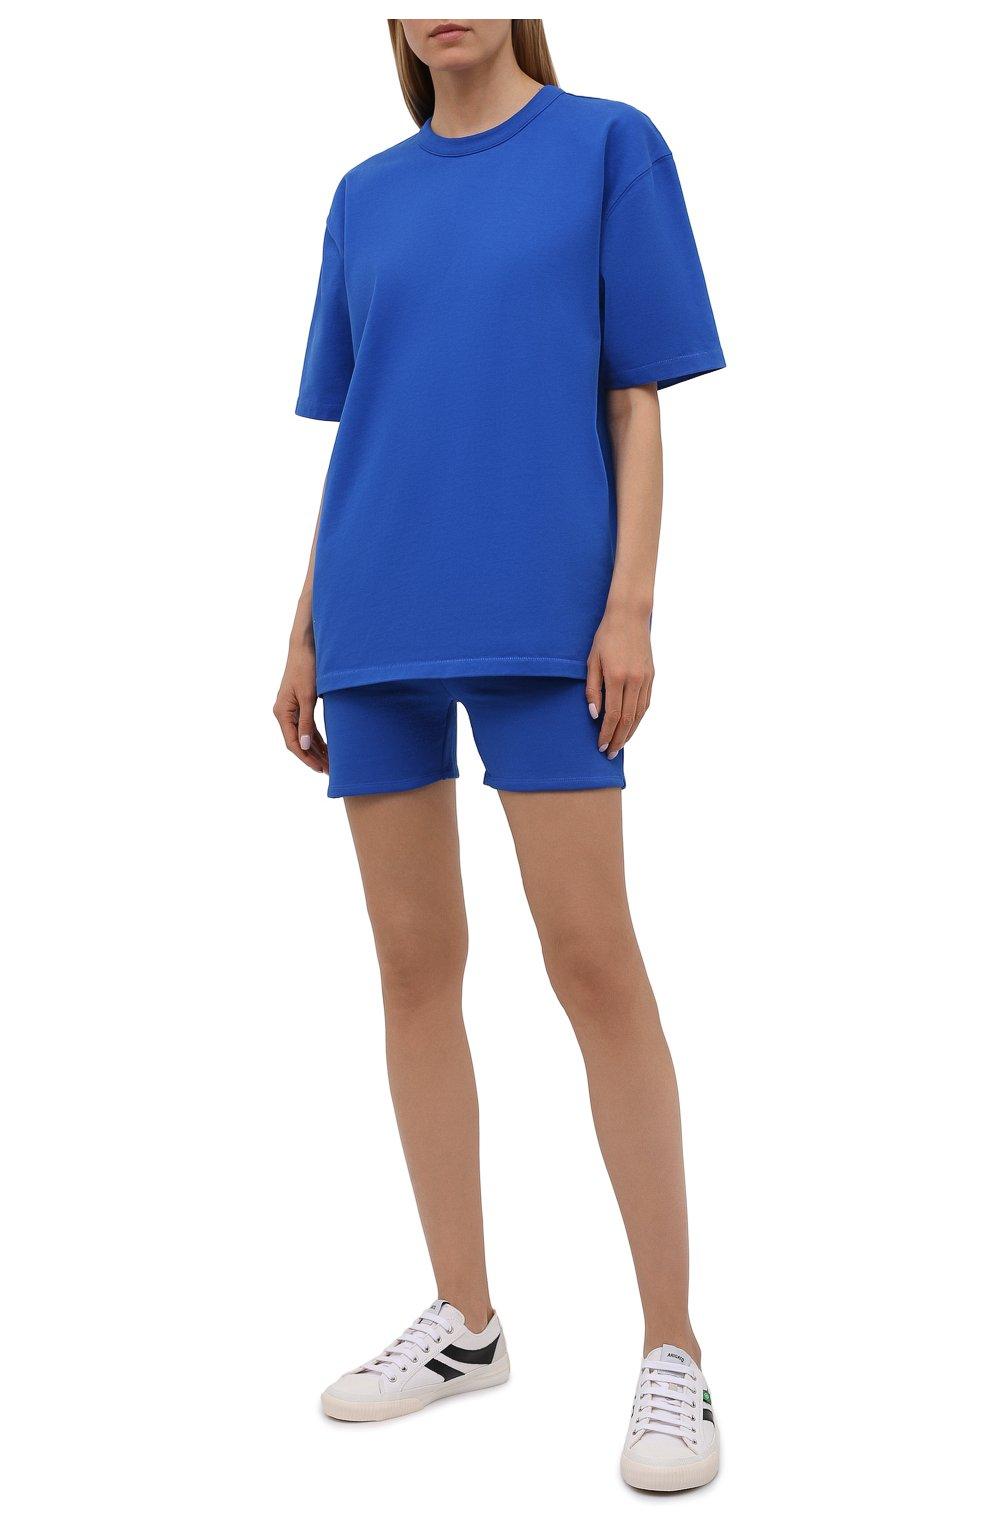 Женская хлопковая футболка HERON PRESTON FOR CALVIN KLEIN синего цвета, арт. K10K108252 | Фото 2 (Женское Кросс-КТ: Футболка-спорт; Принт: Без принта; Рукава: Короткие; Длина (для топов): Стандартные; Материал внешний: Хлопок; Стили: Спорт-шик)